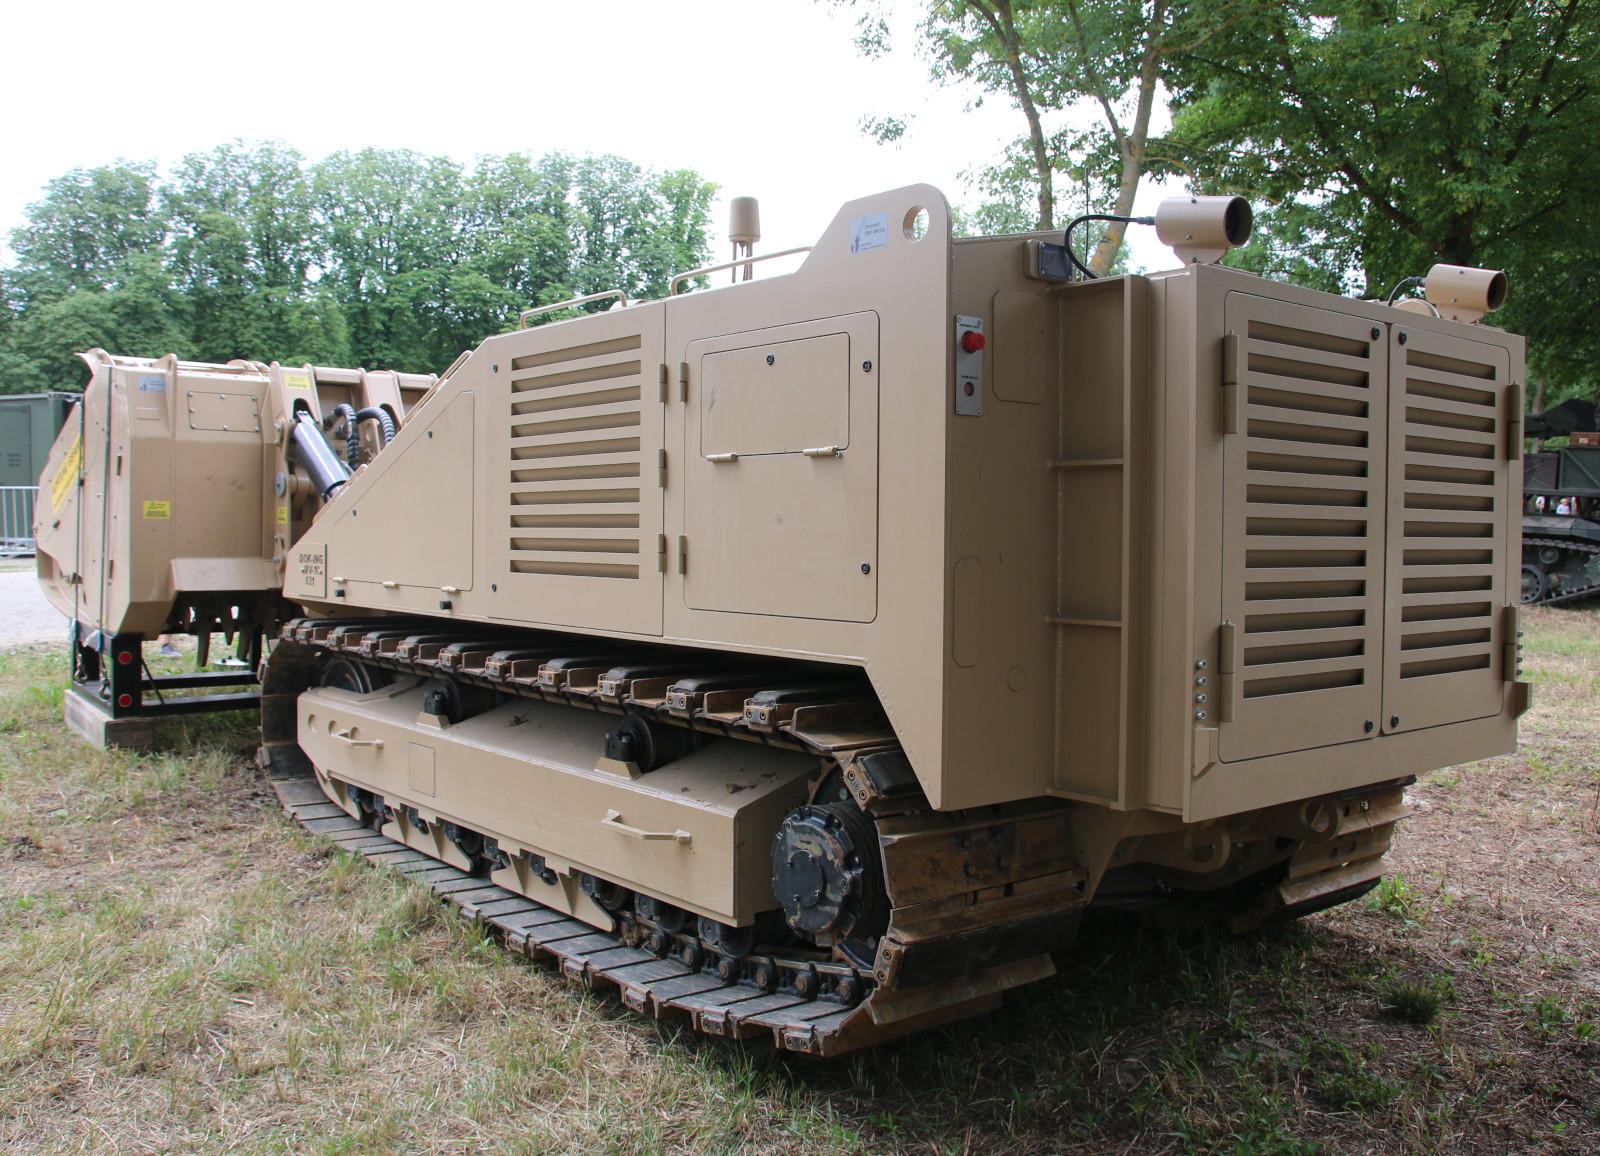 MV-10 ist deutlich größer als das beim Heer bereits eingeführte MV-4 des gleichen Herstellers © Doppeladler.com